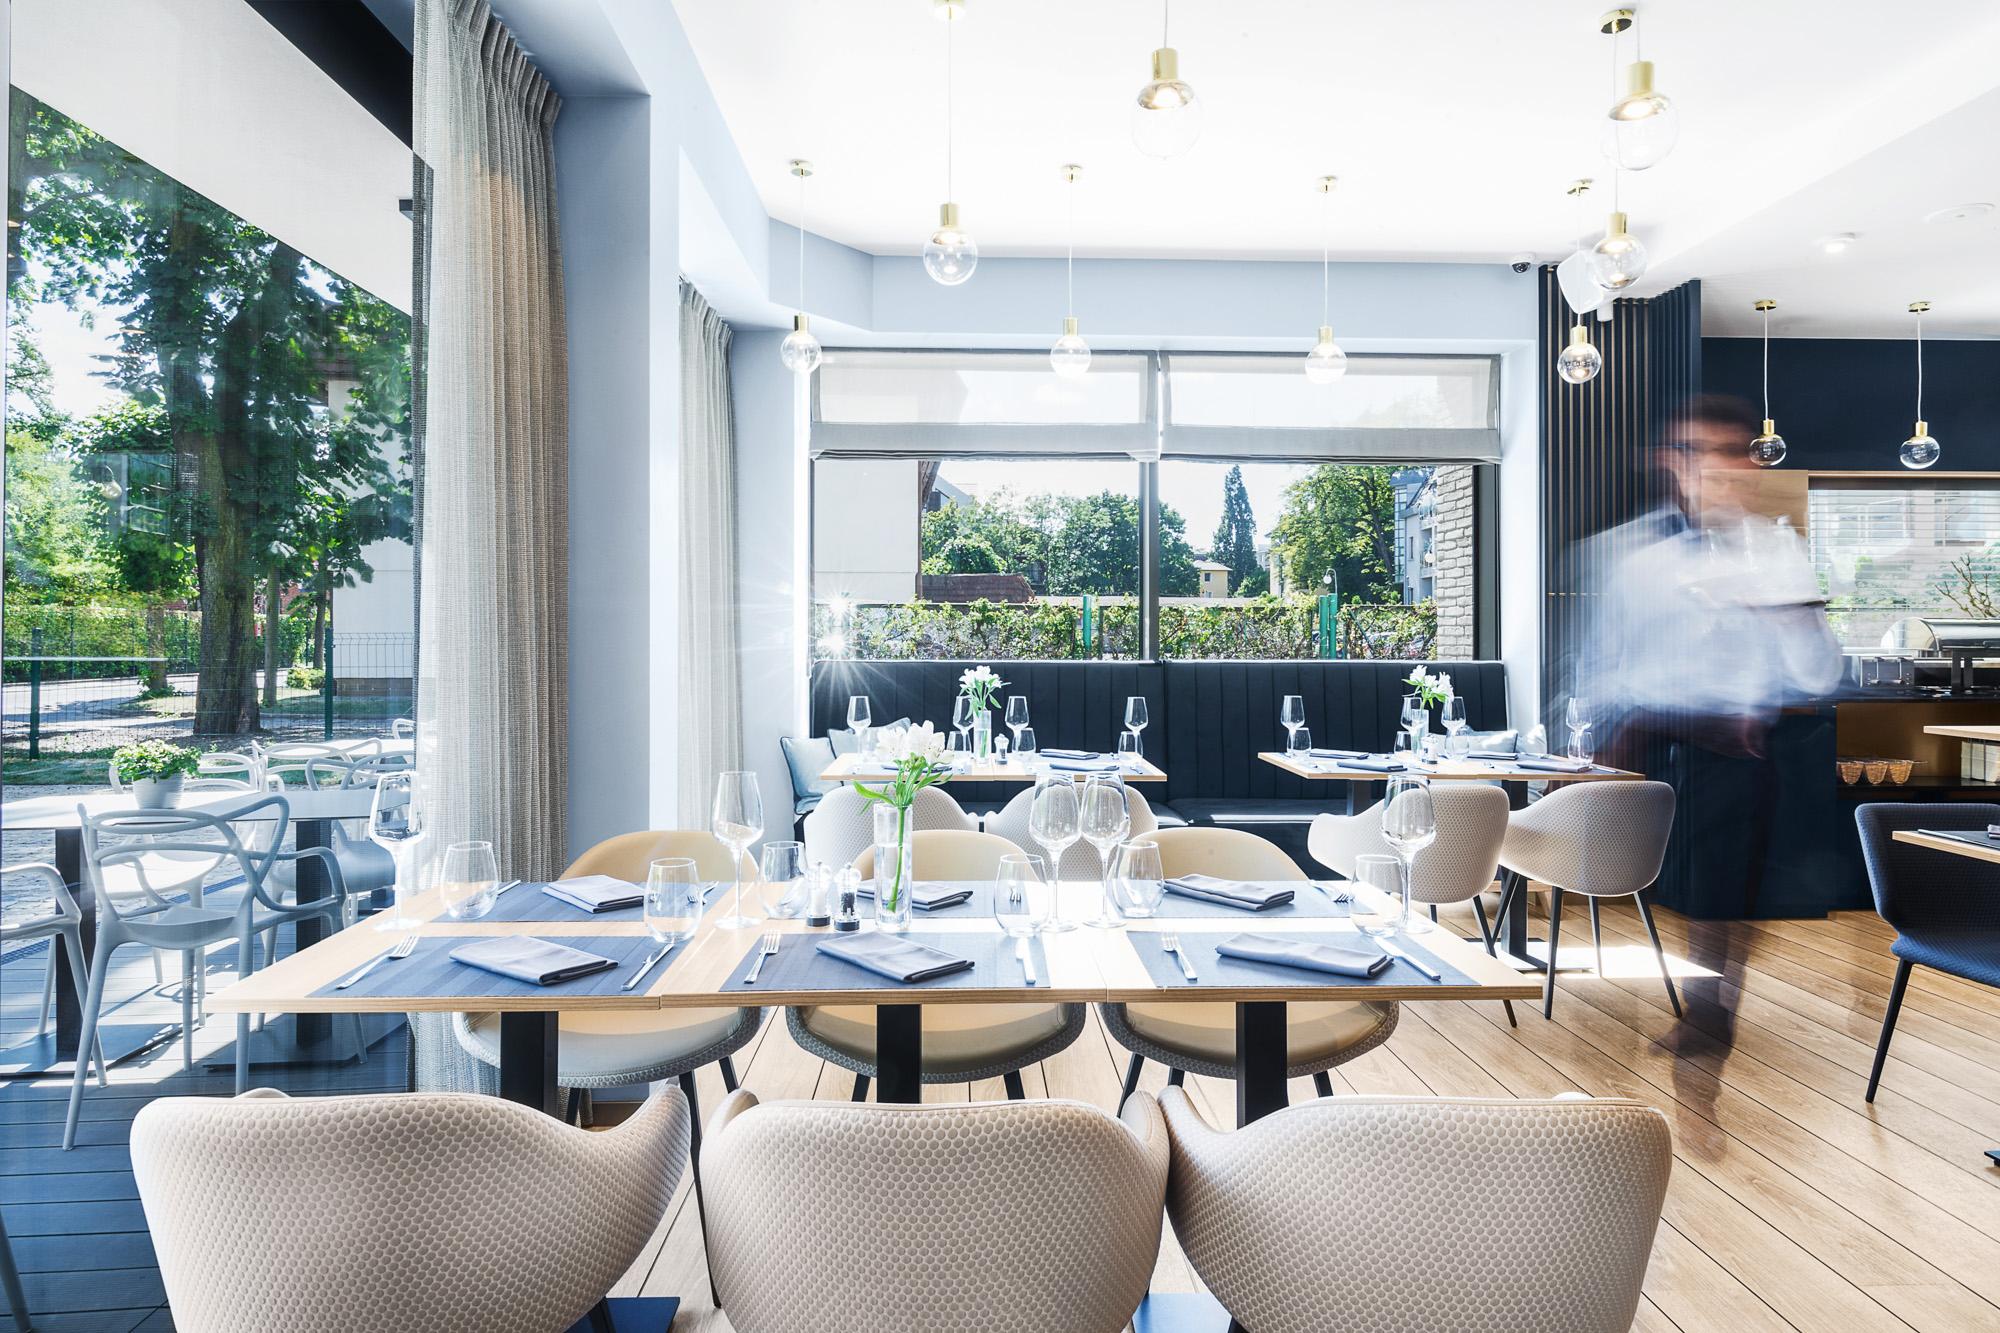 Hotel Testa - Restauracja Słona Woda